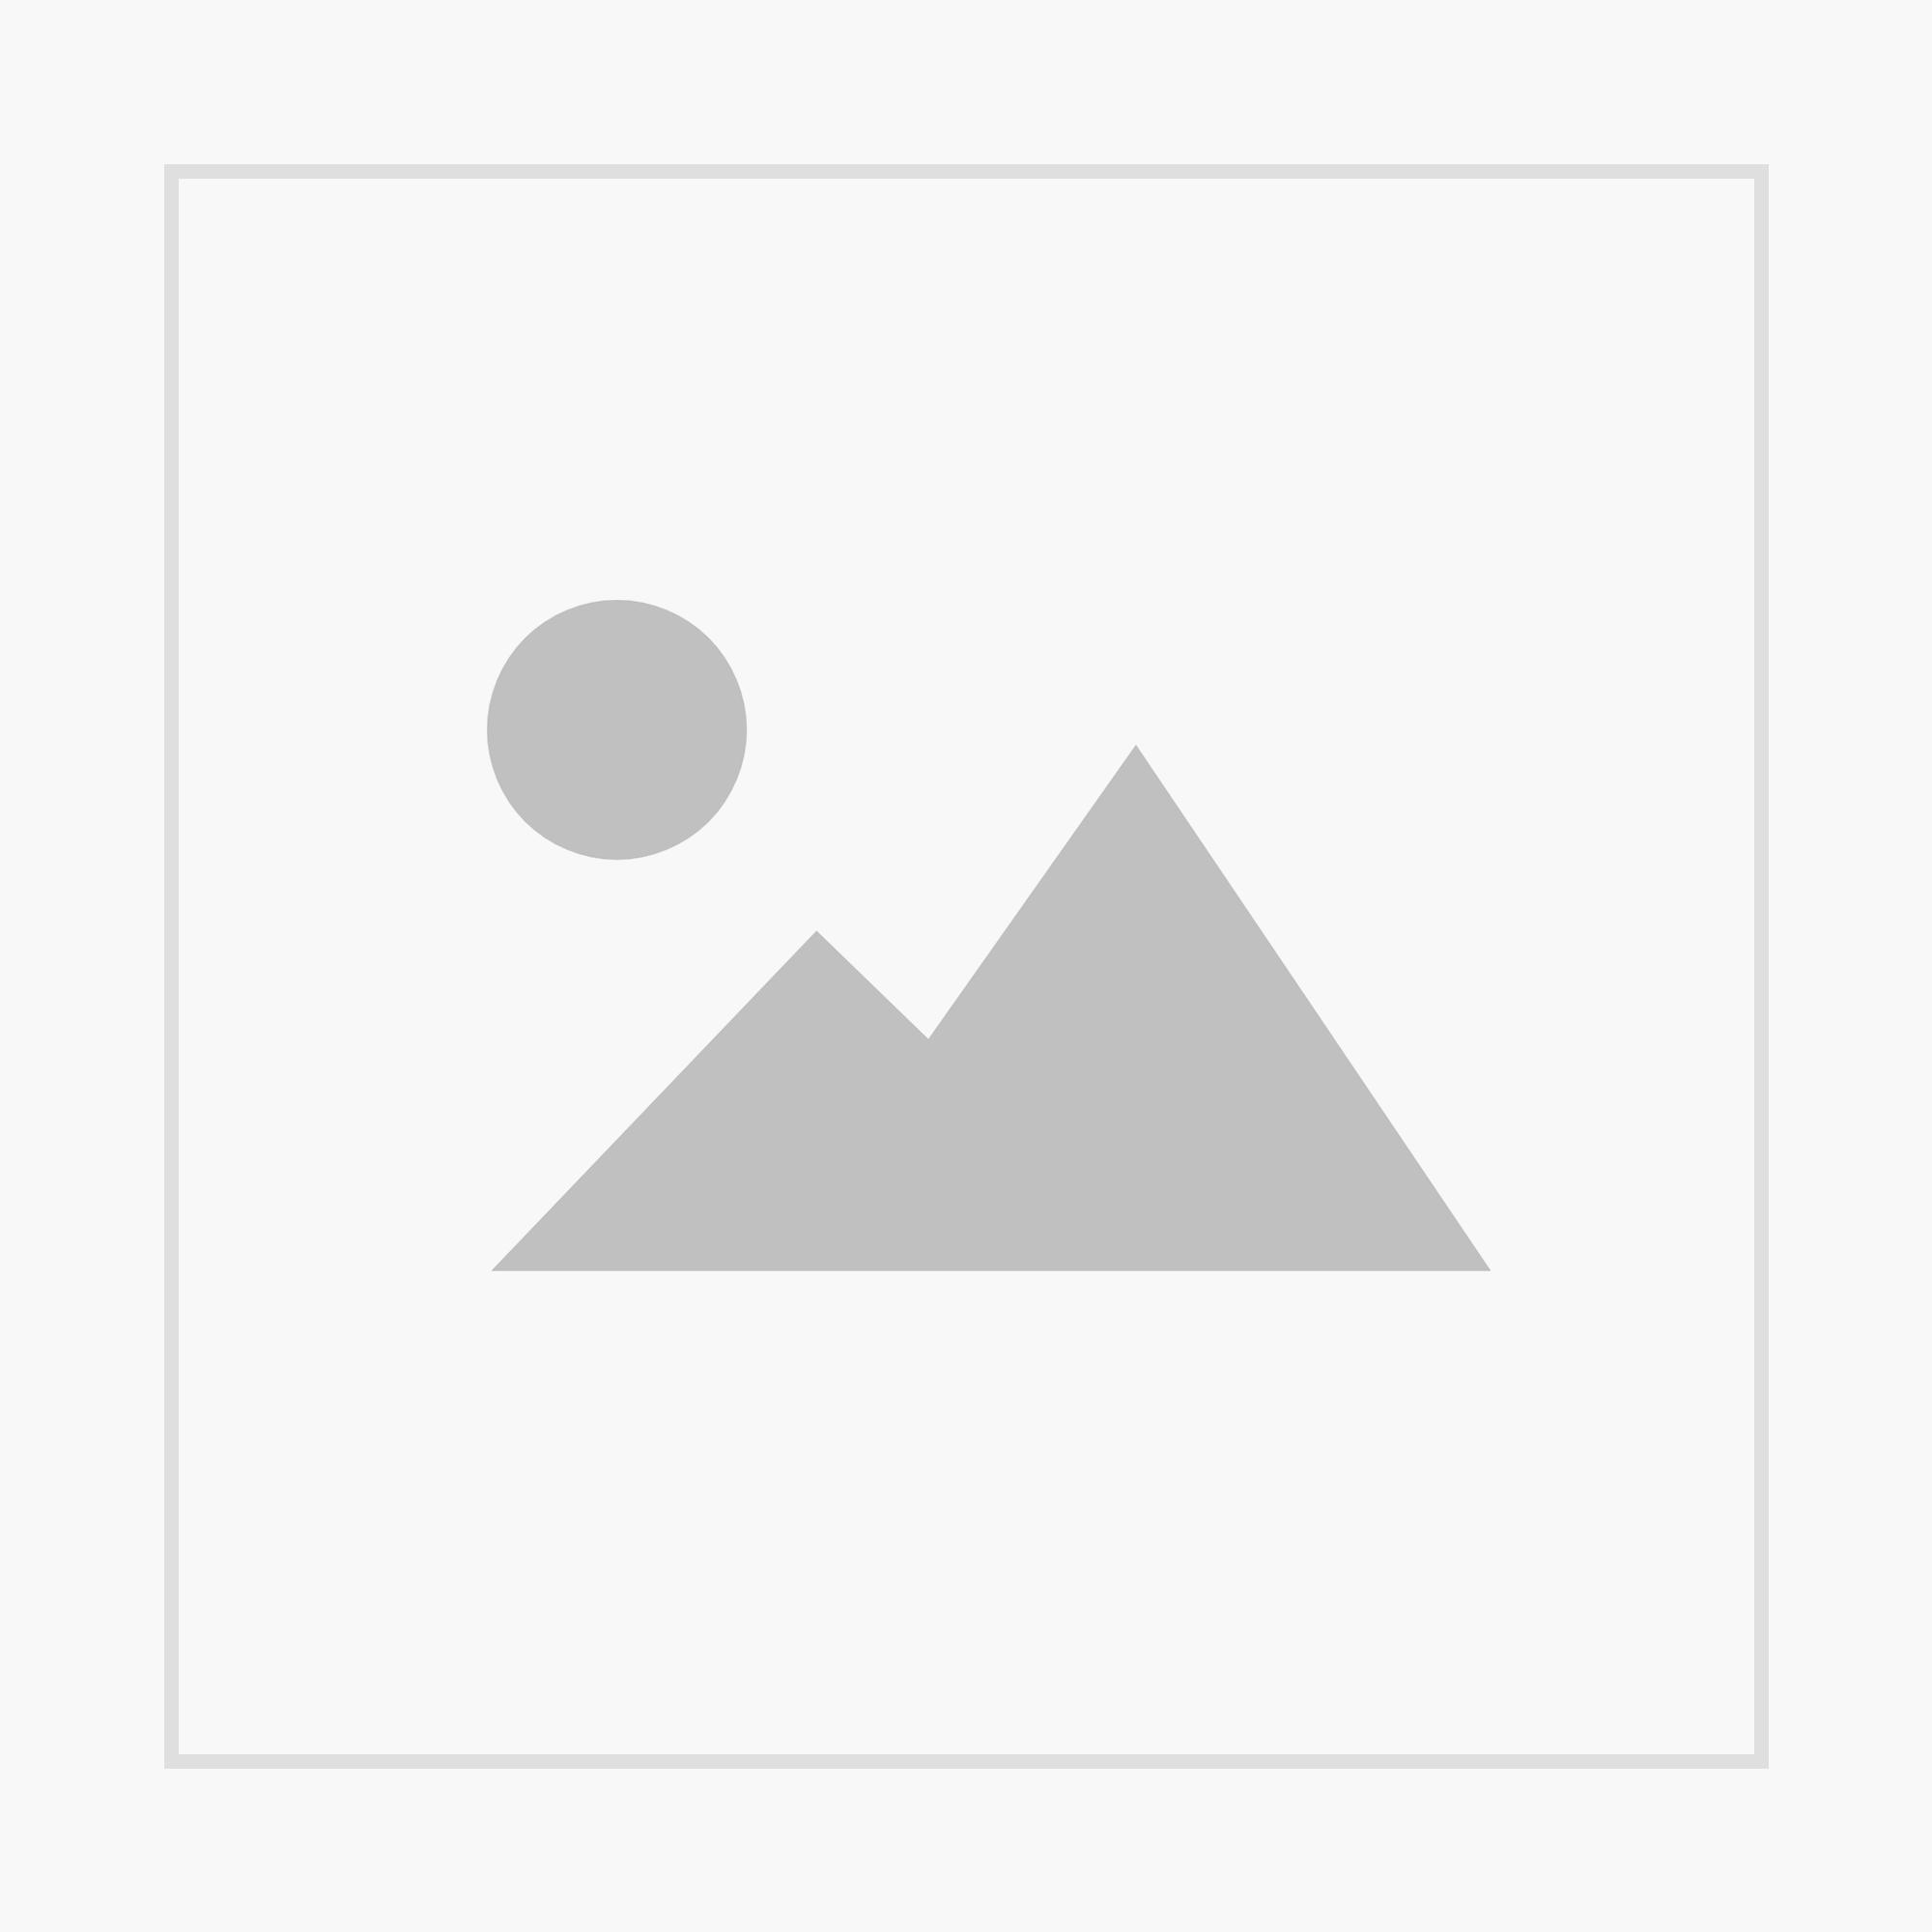 Mastschweine & Gesundheit